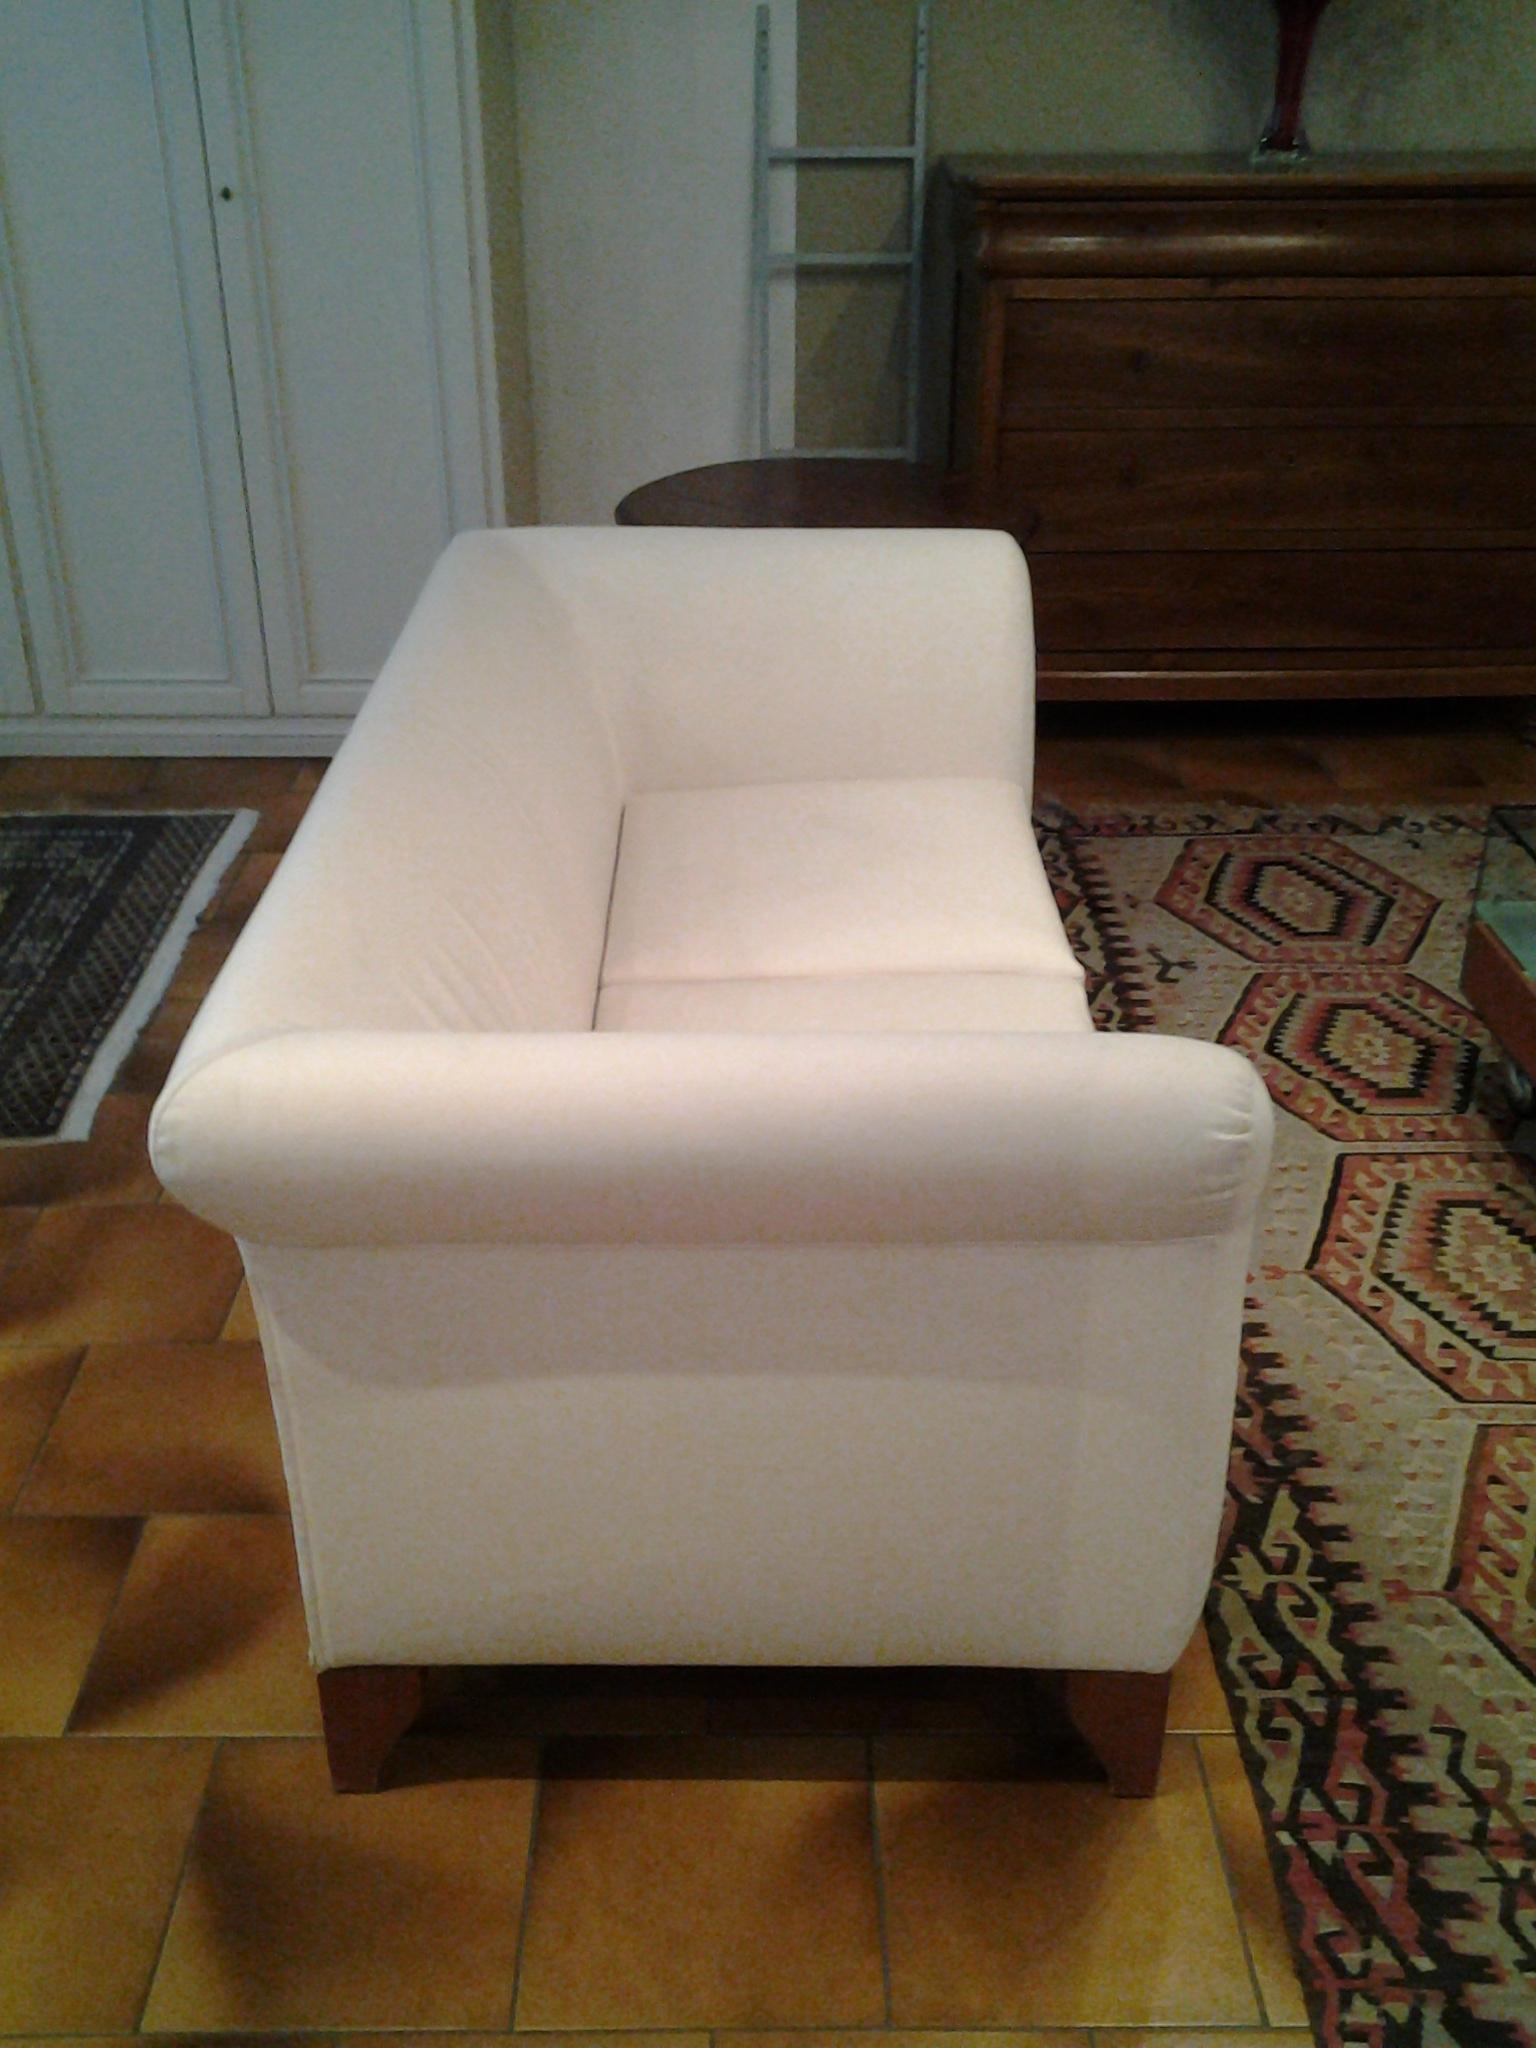 Divano dema ottomane divani con poltrona tessuto divano 2 for Divano 2 posti divani e divani